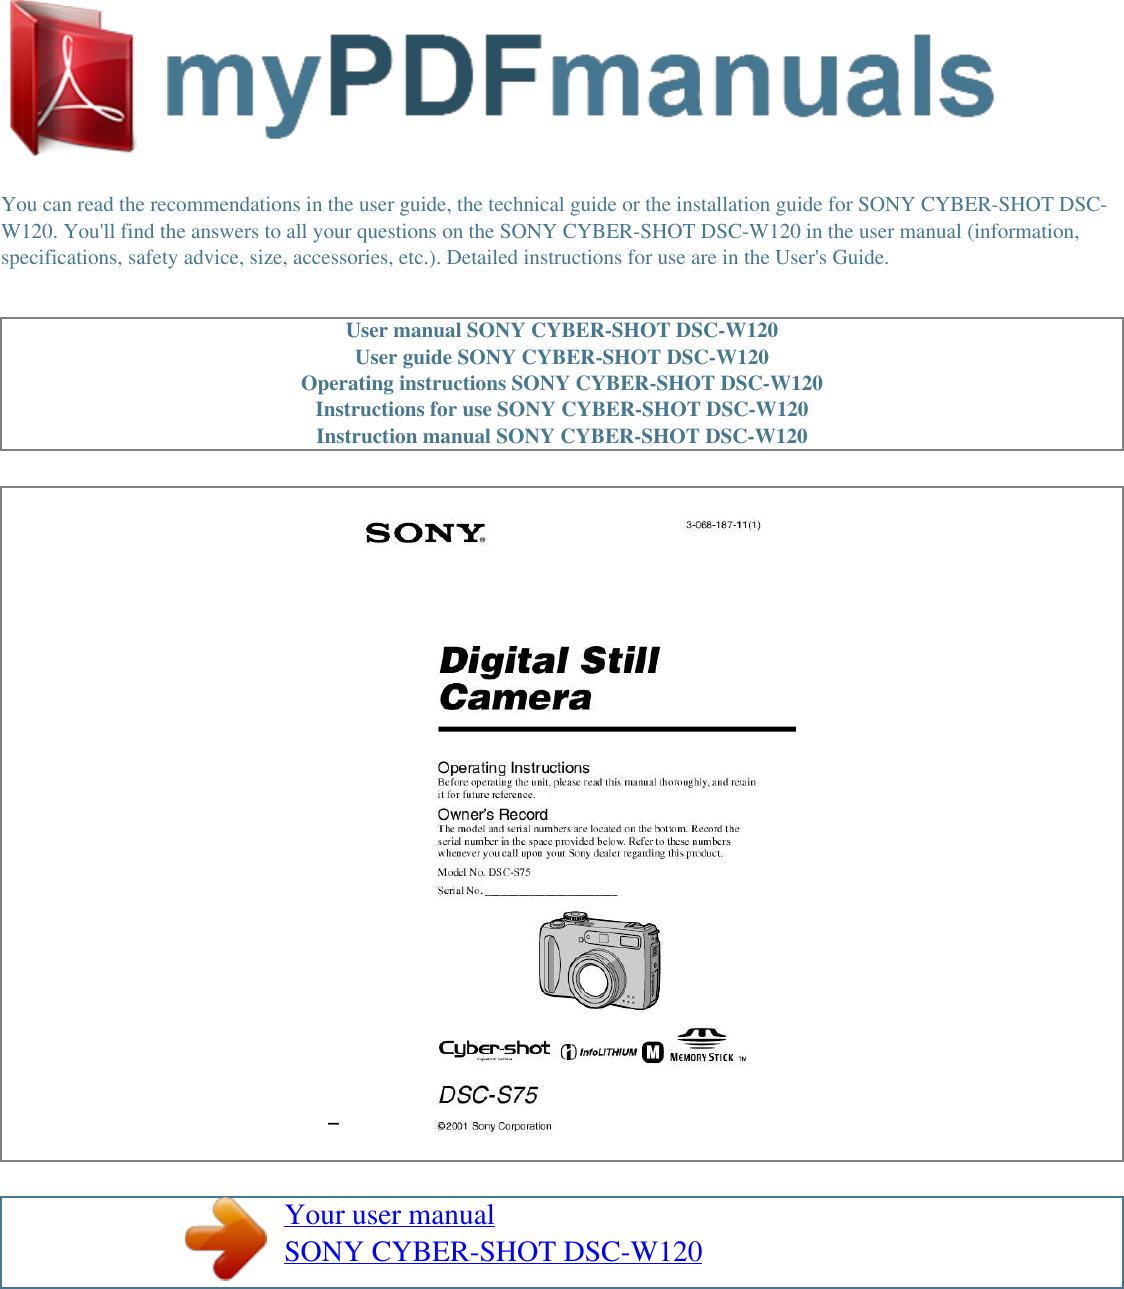 sony digital camera dsc w120 users manual user cyber shot rh usermanual wiki DSC 1555 User Manual Sony Cyber-shot DSC-H70 Manual